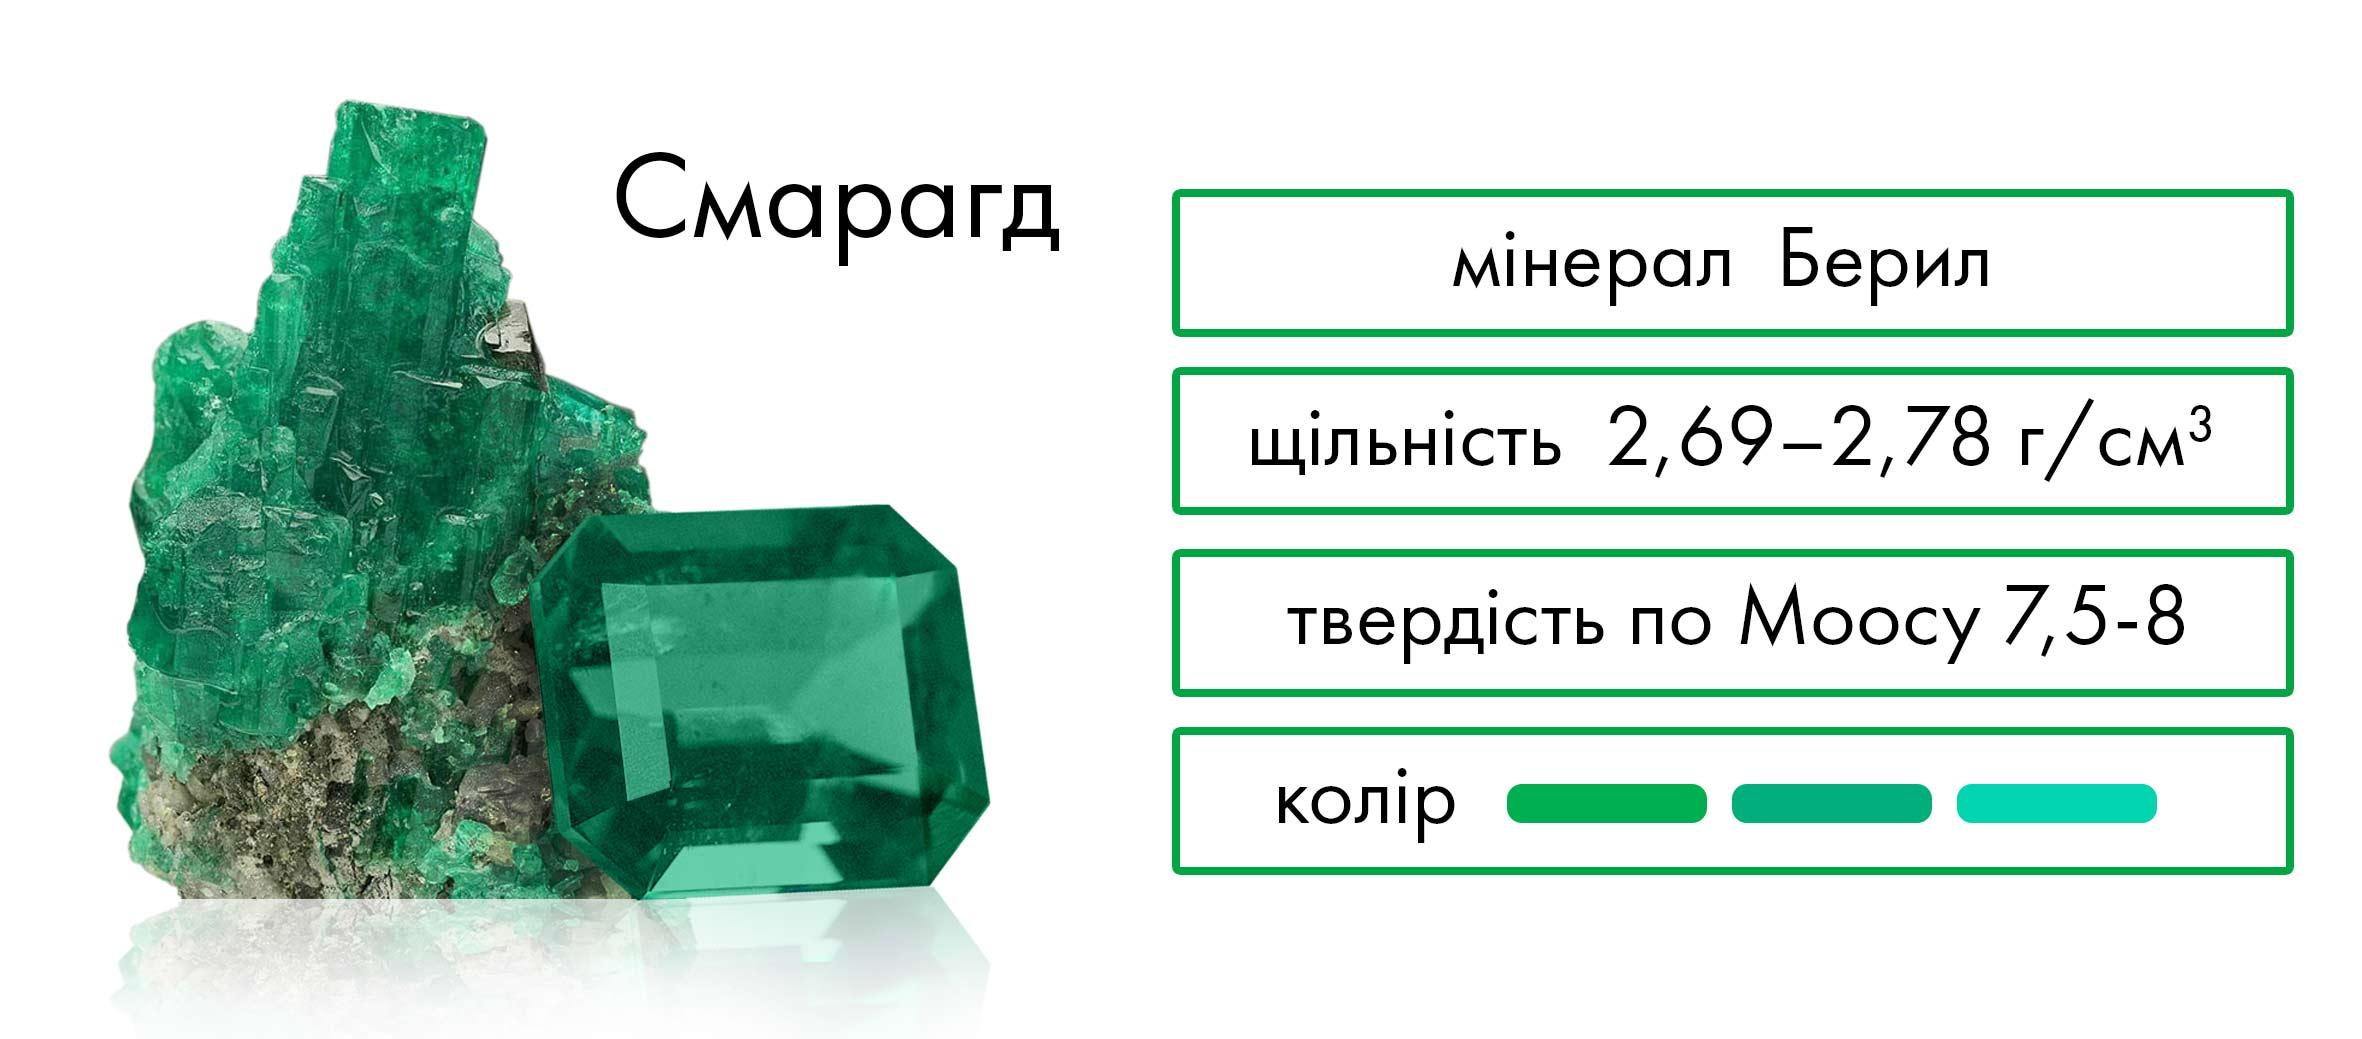 mineral-berill-plotnost'-tverdost'-tsvet-ua